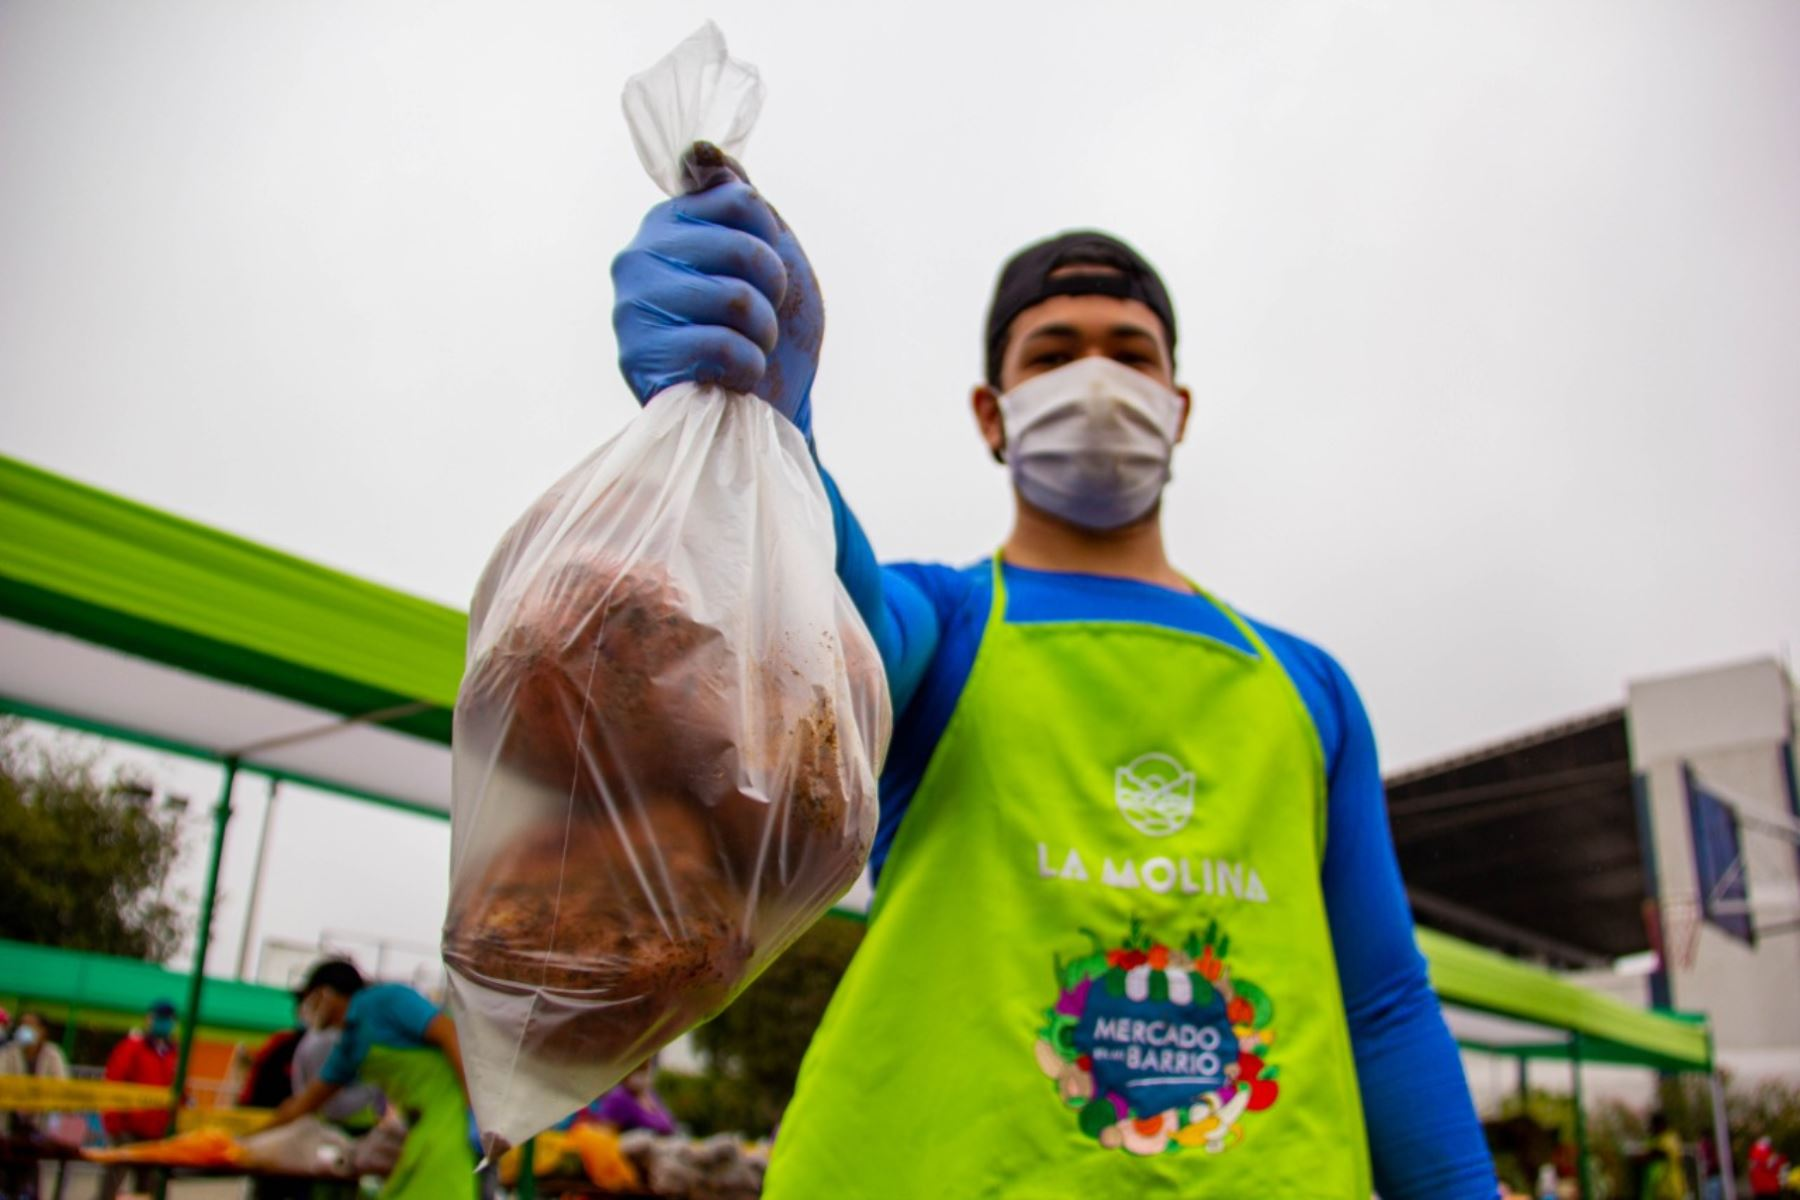 Productores agropecuarios de Junín logran vender 12 toneladas de papa a la Municipalidad de La Molina. ANDINA/Difusión